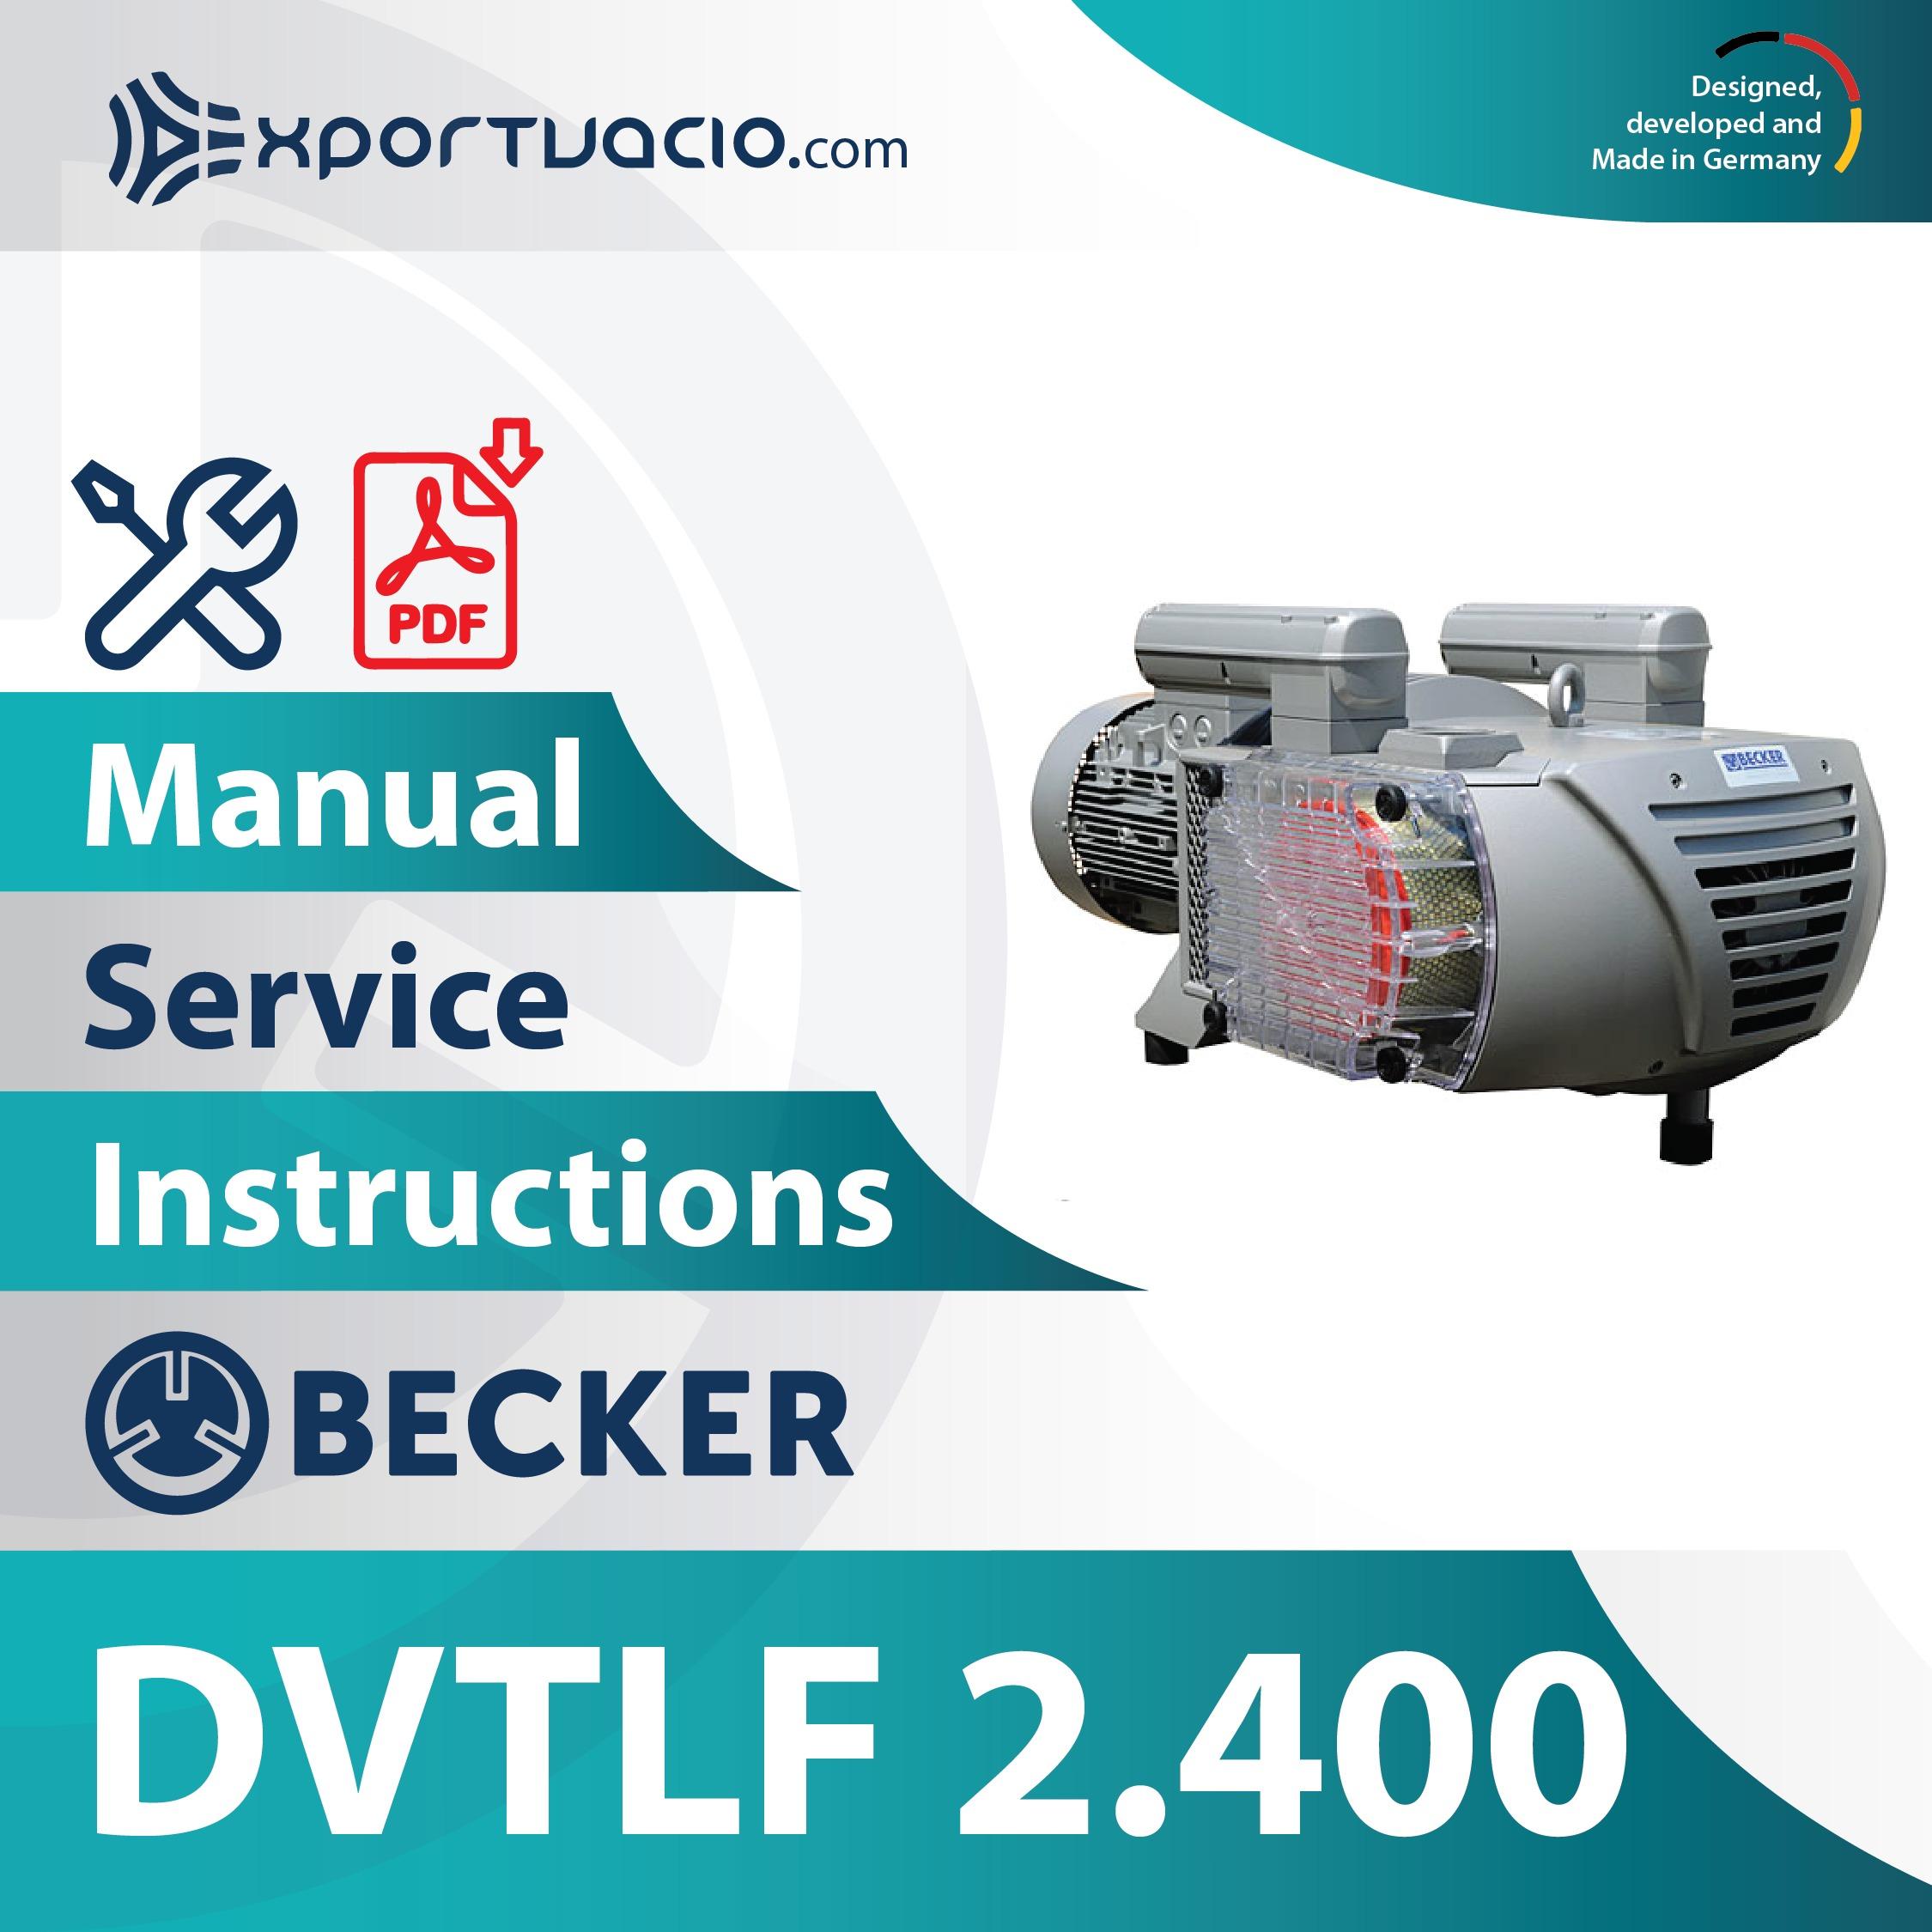 Becker DVTLF 2.400